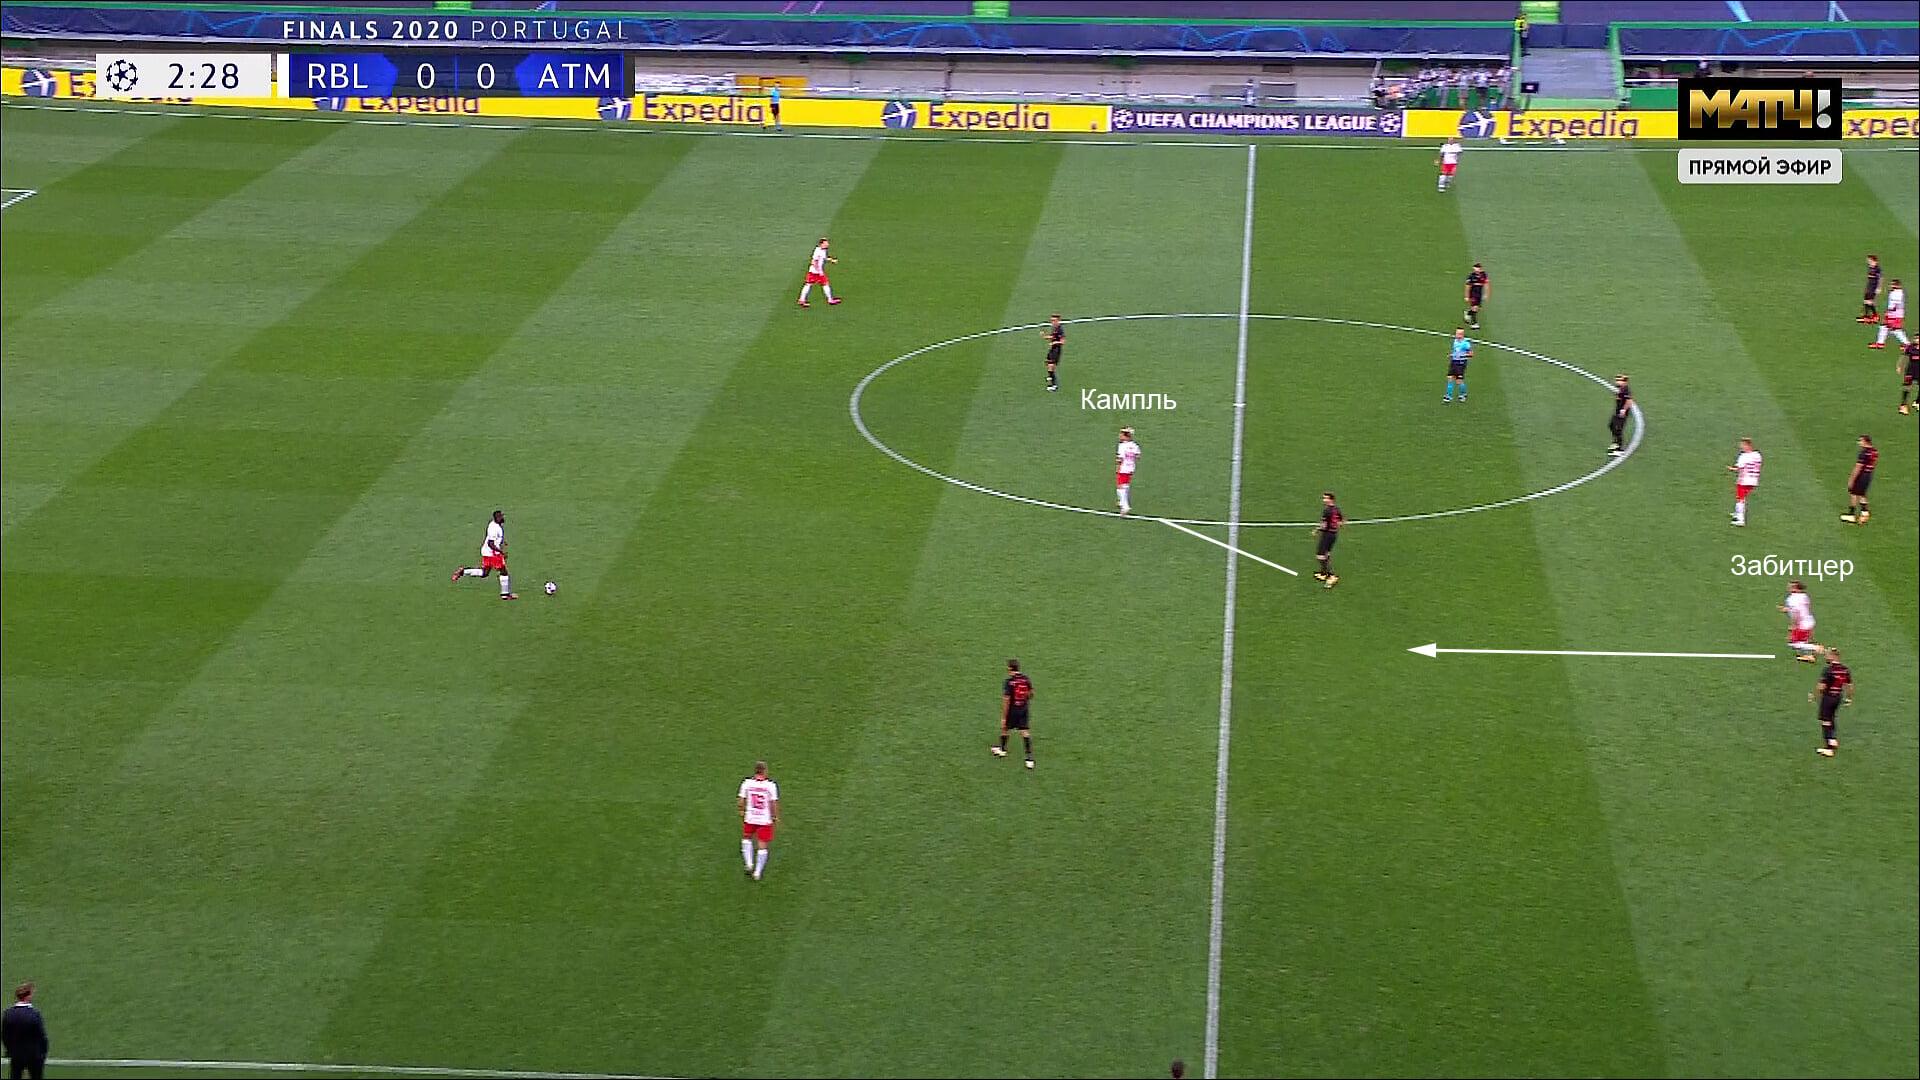 Тухель против Нагельсманна в полуфинале ЛЧ – это супер. Они олицетворяют мощь немецких тренеров